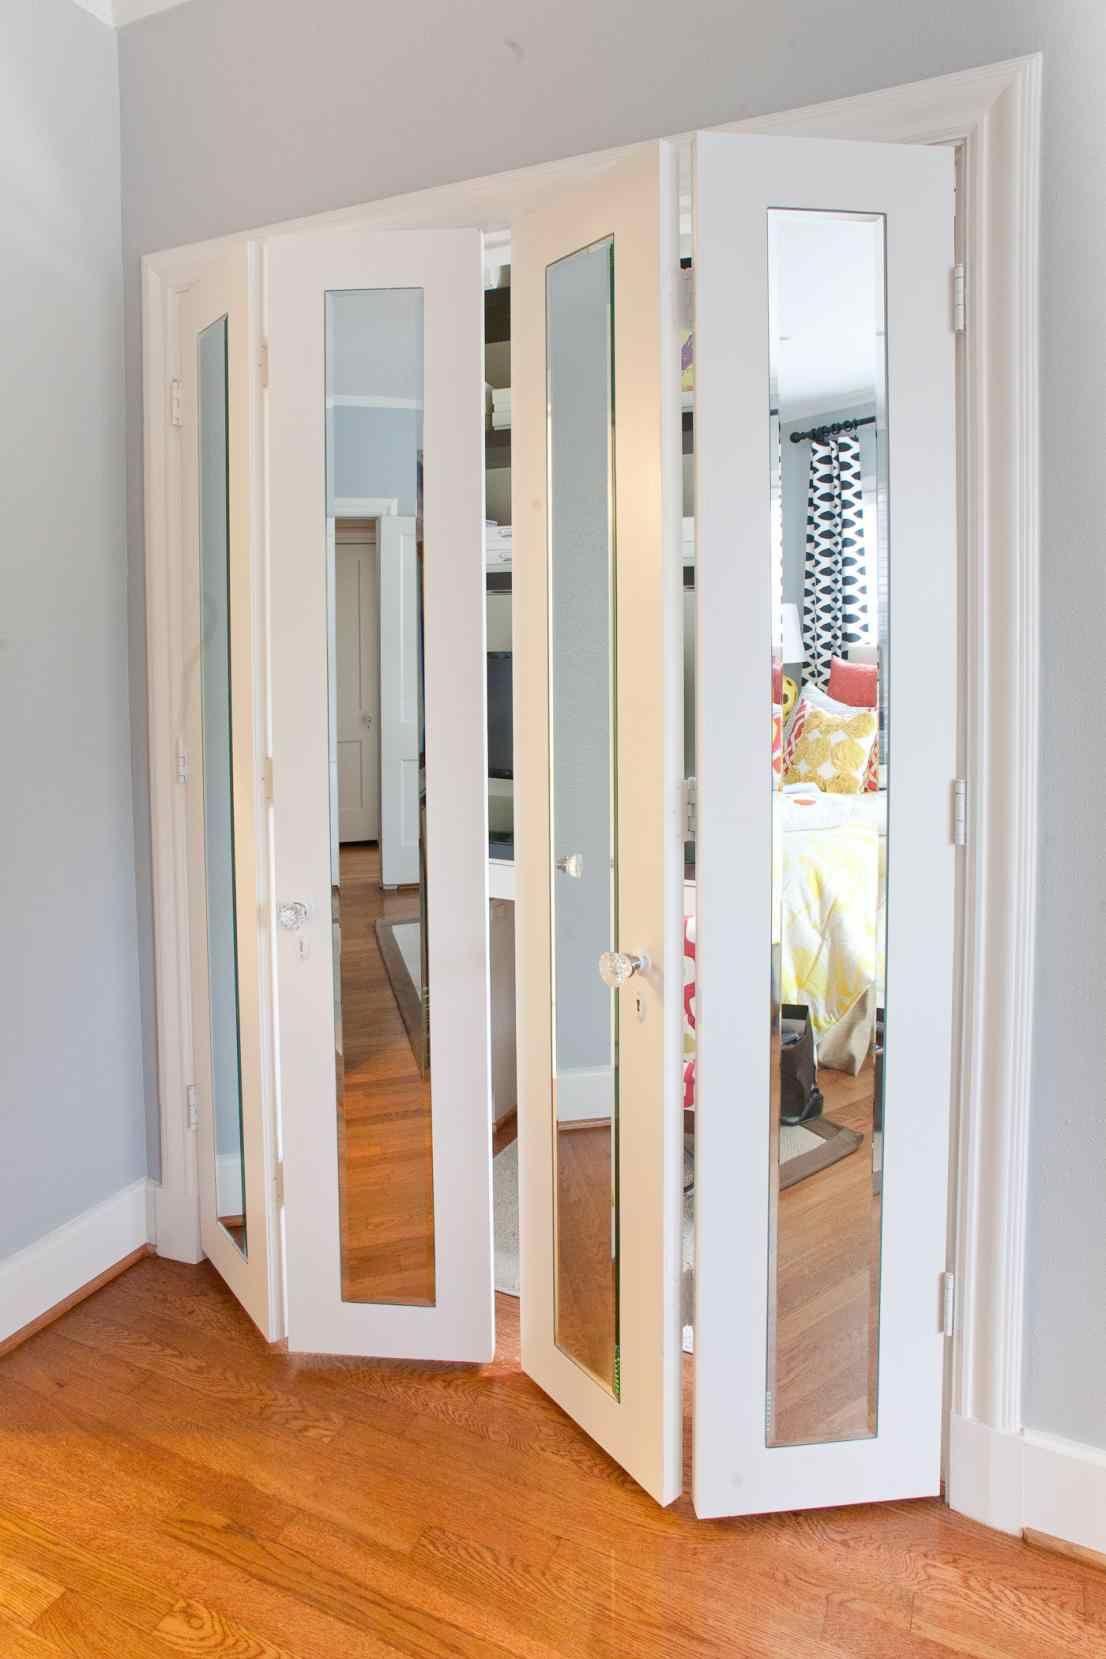 Bifold Closet Door Hardware Diy apartment decor, Bifold